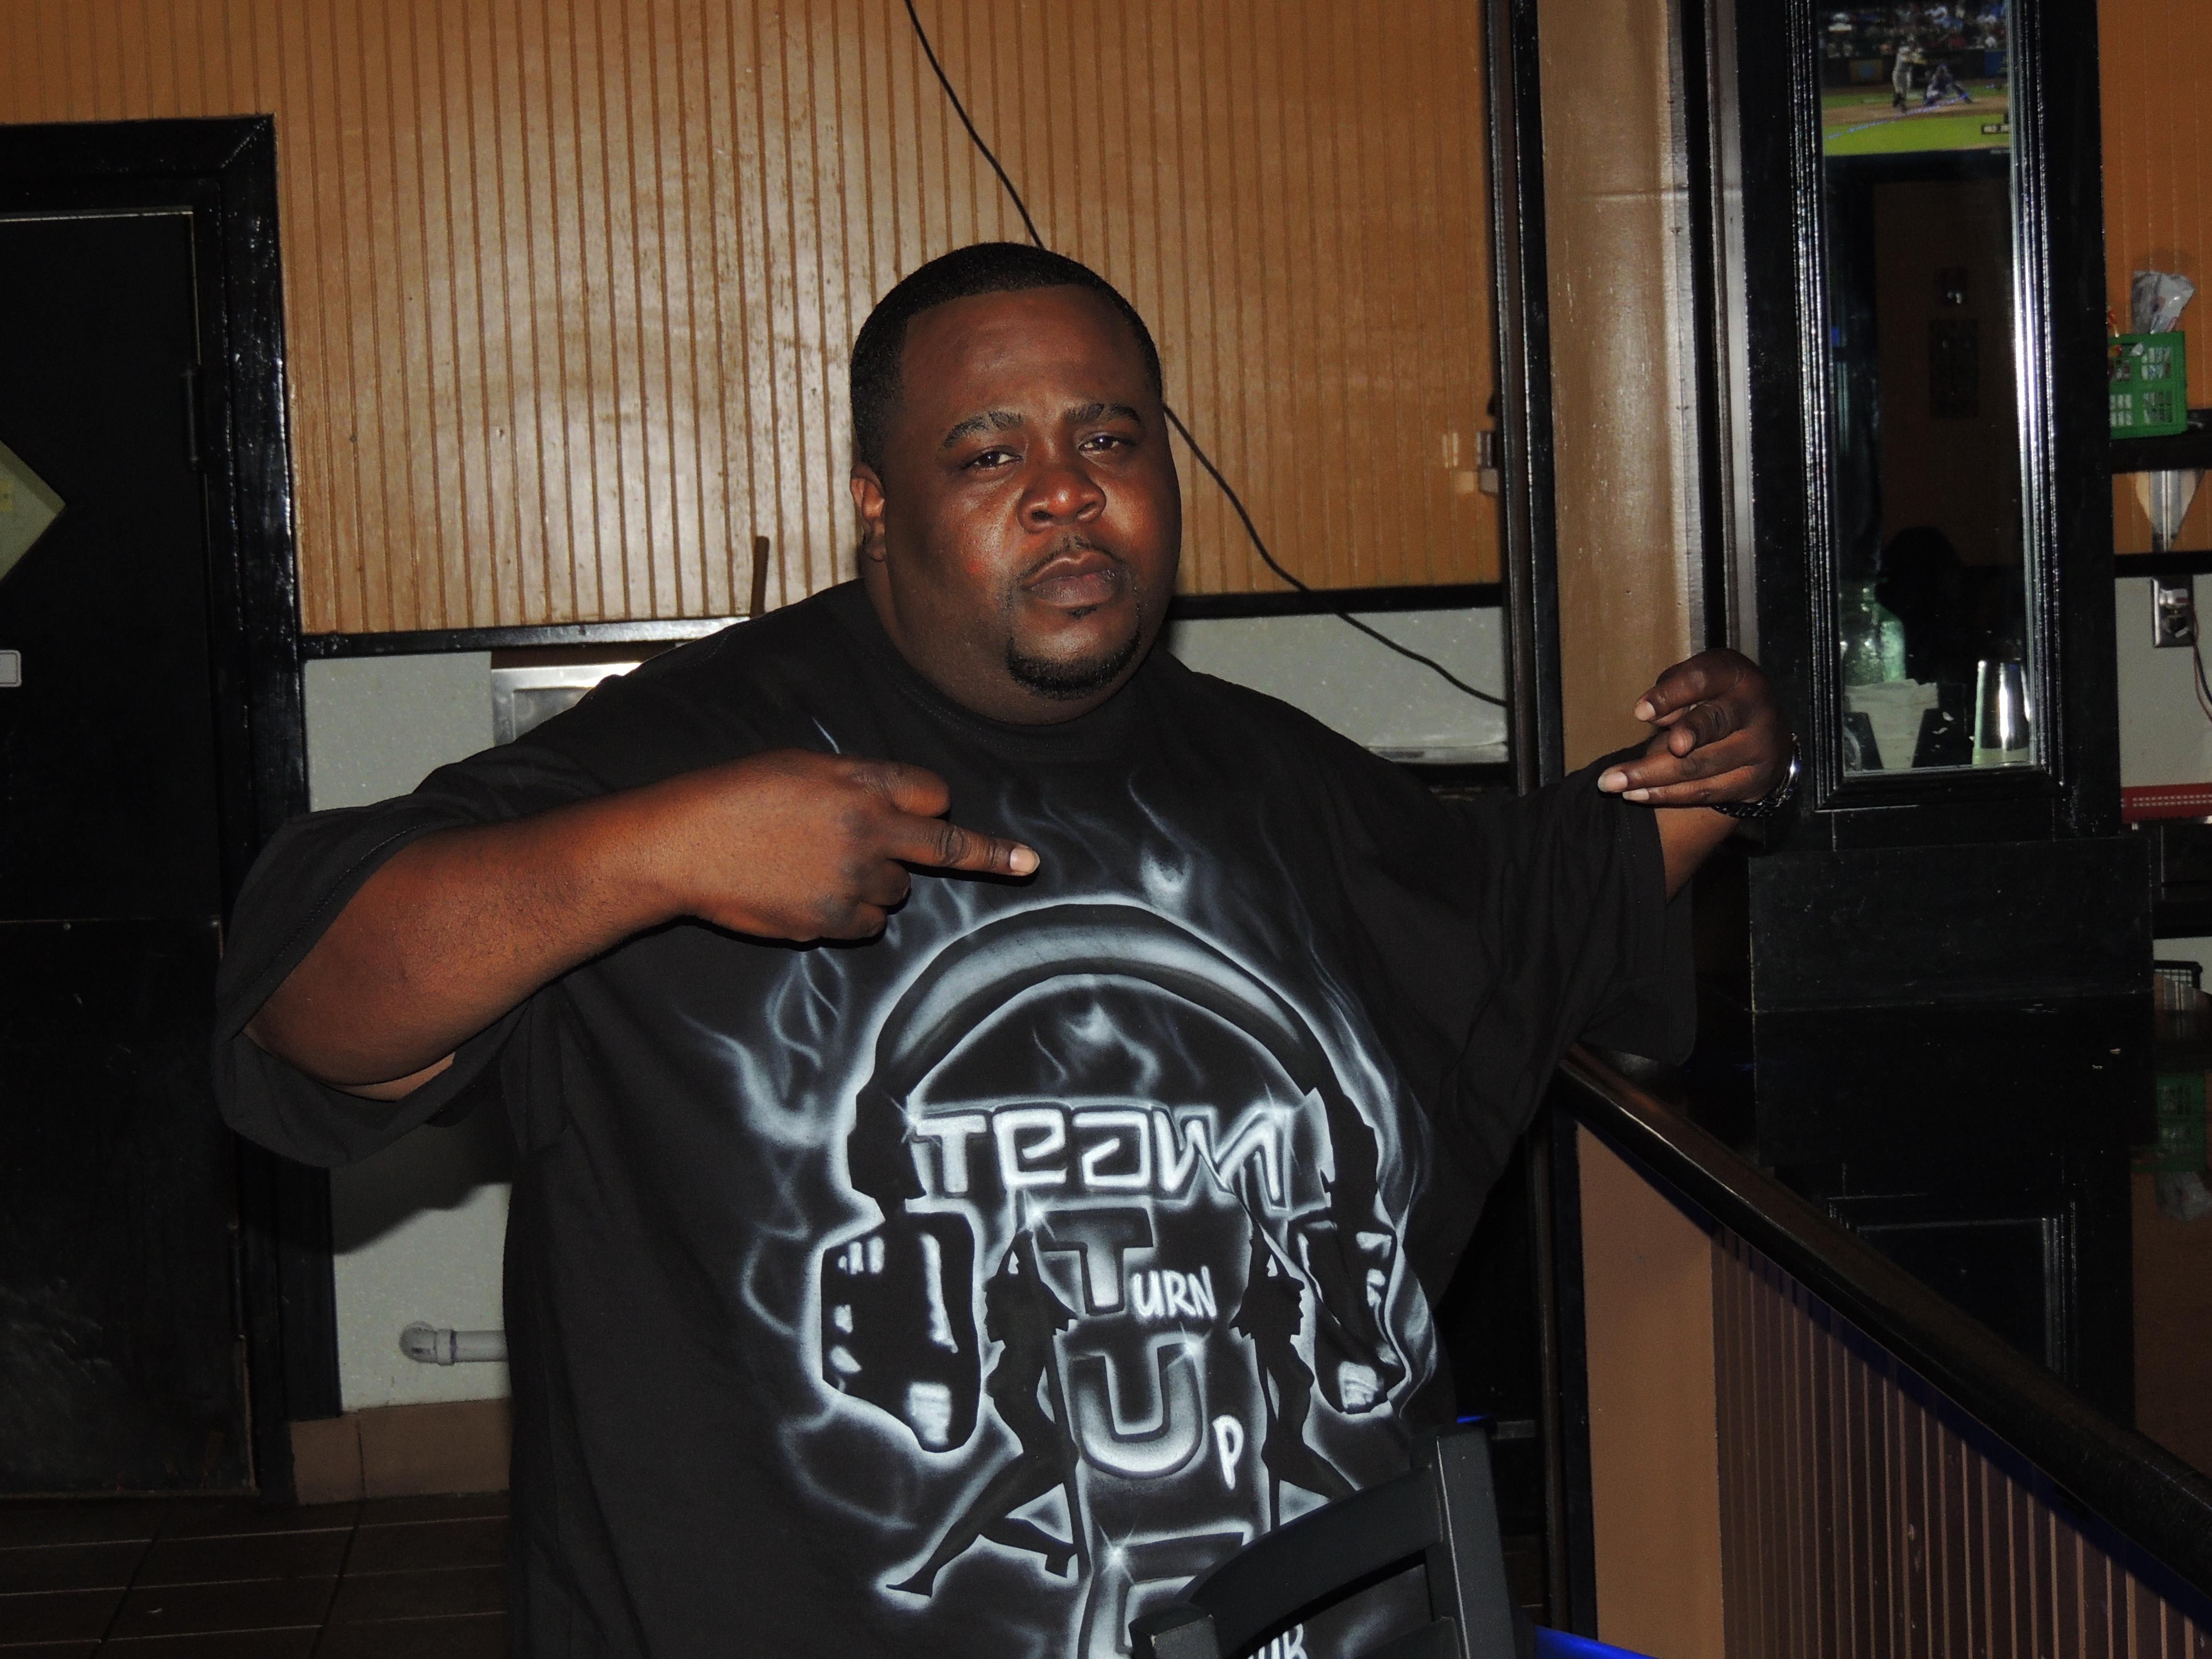 DJ CHUB